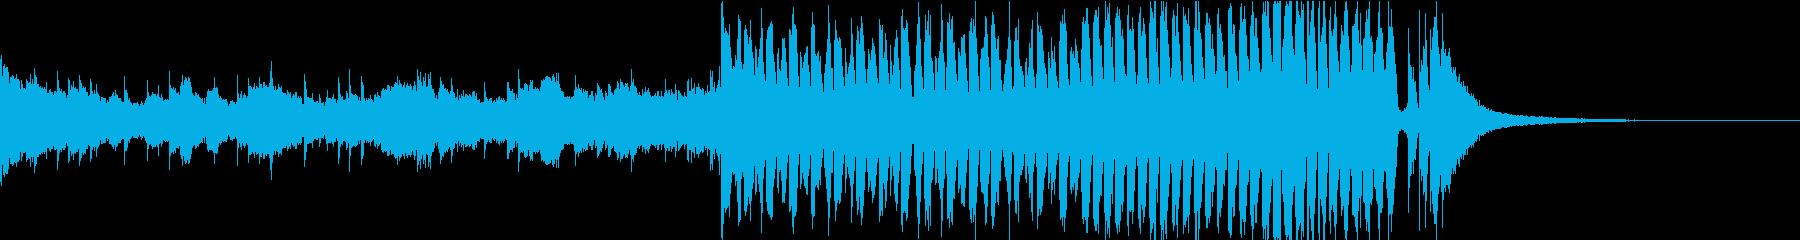 感動的・明るいFuture Bass cの再生済みの波形